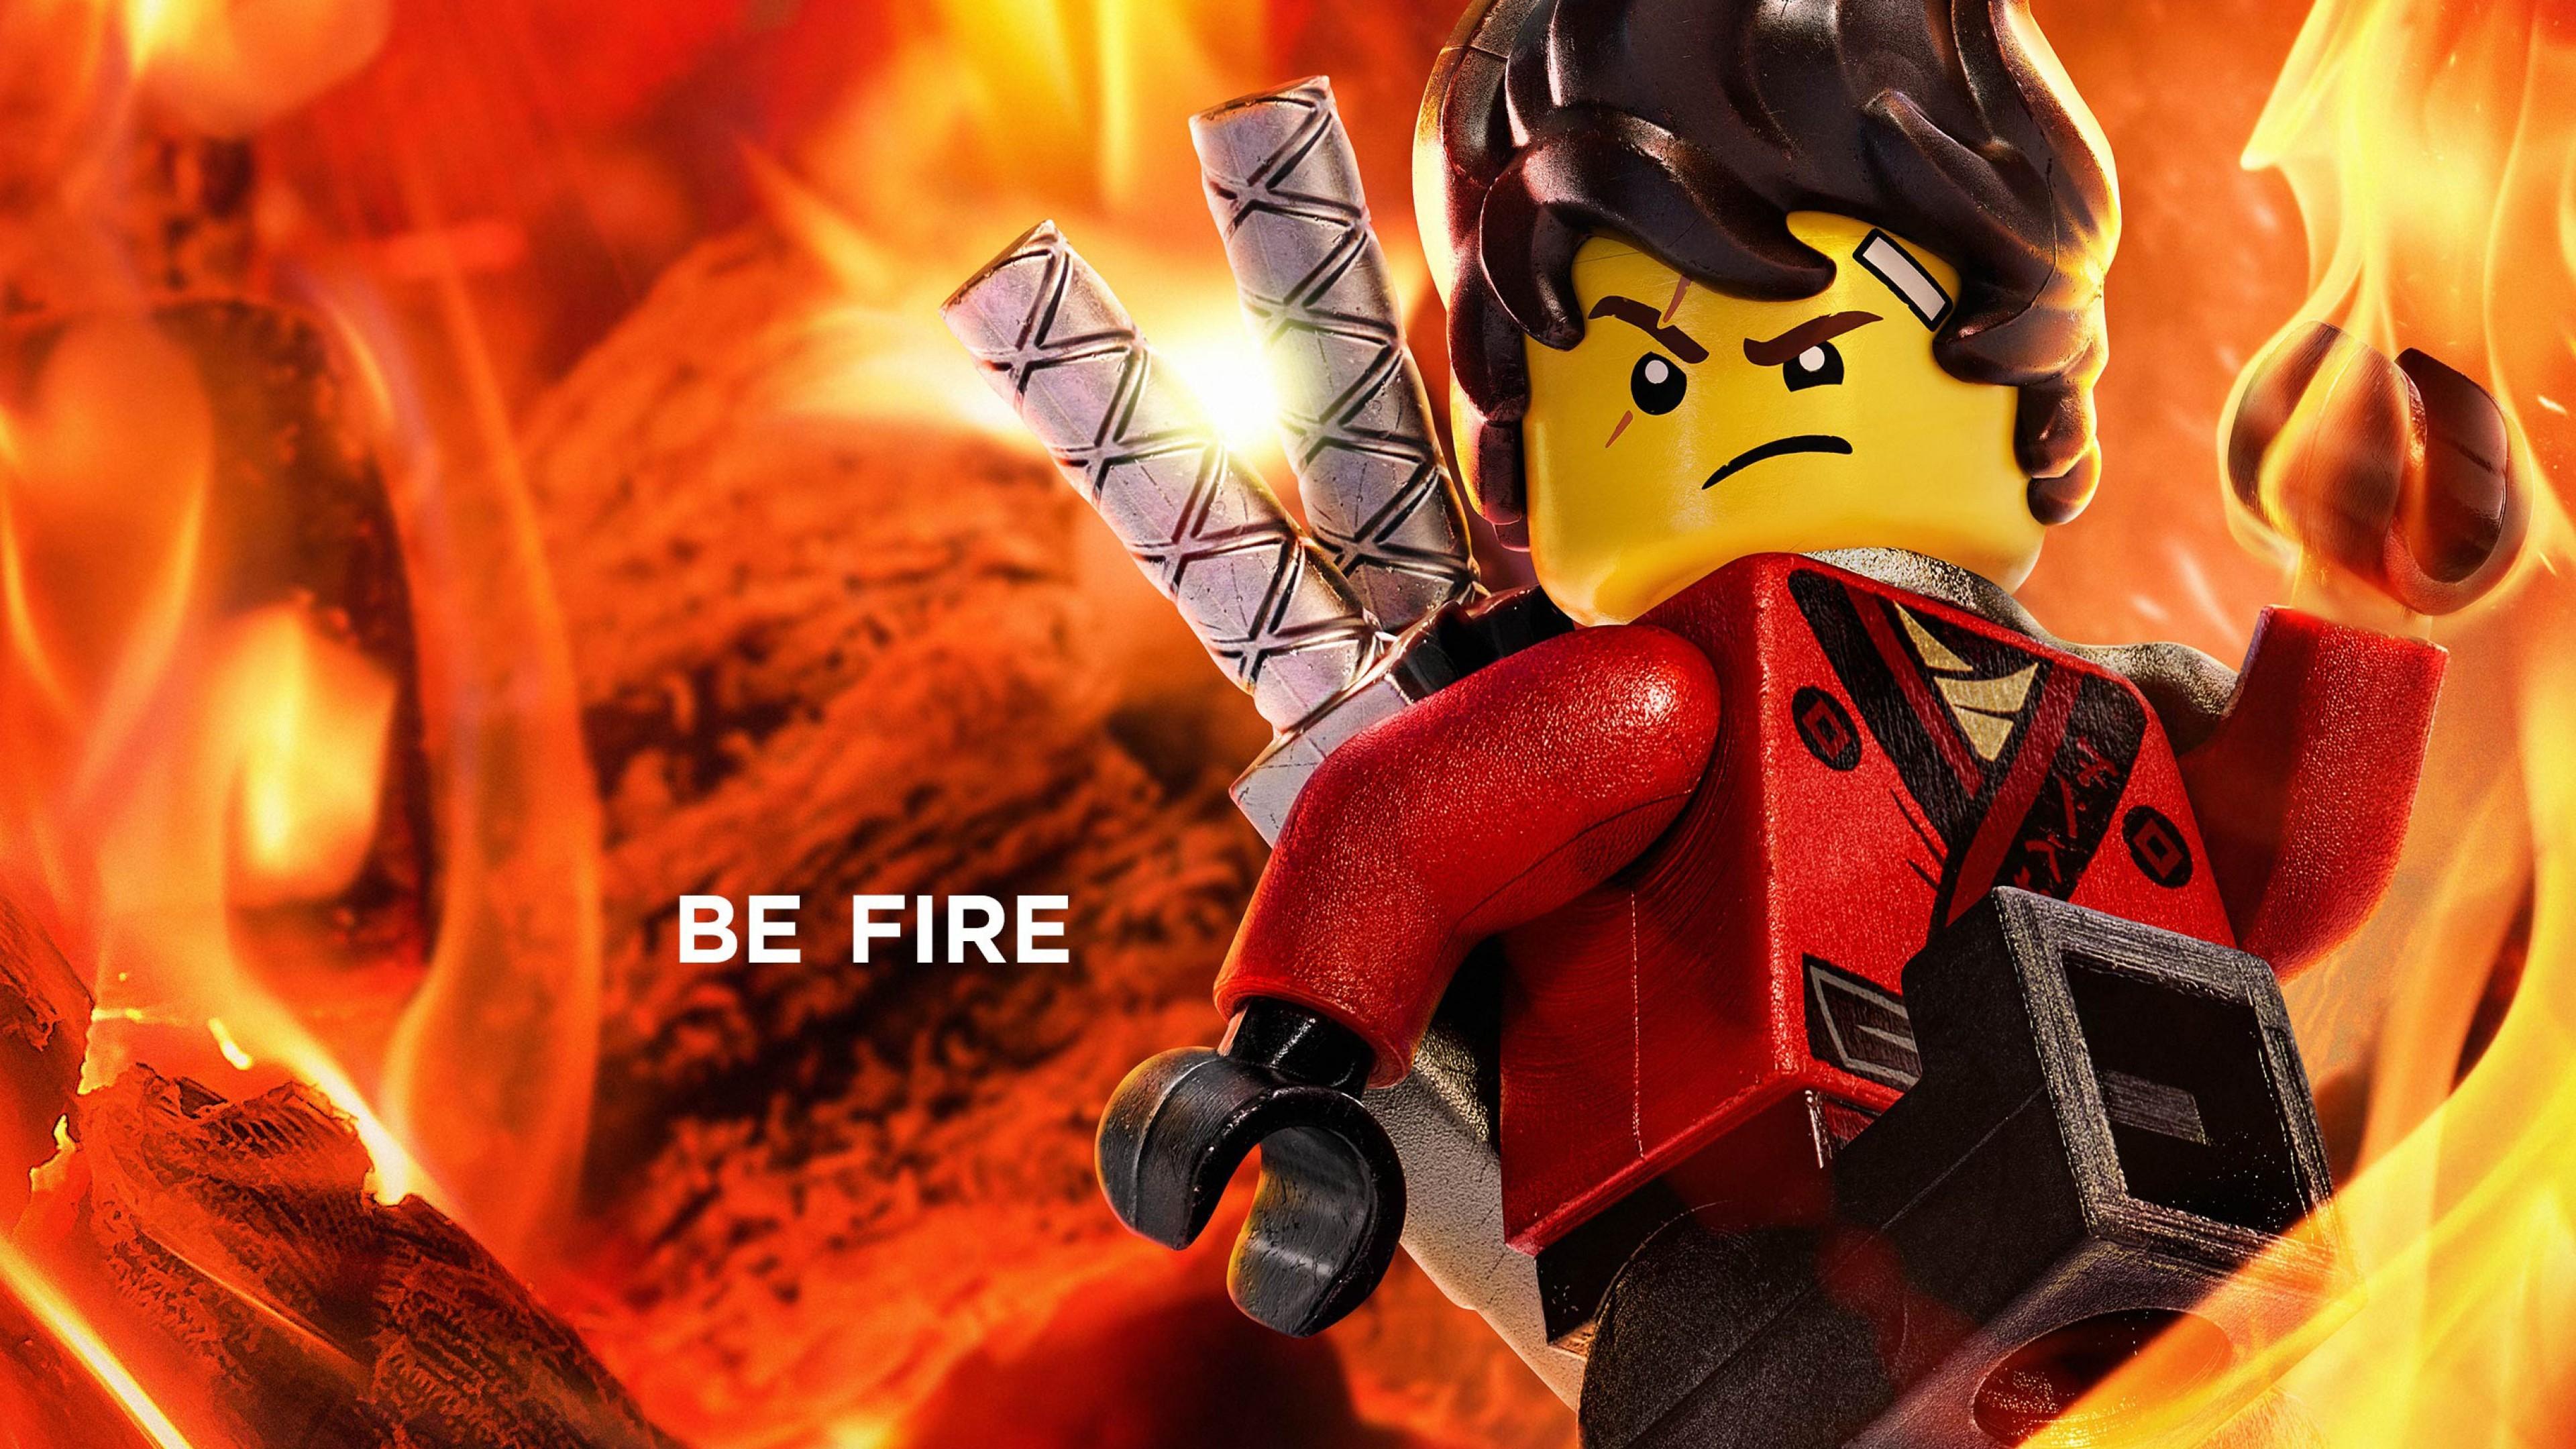 Res: 3840x2160, Kai, The Lego Ninjago Movie, Be Fire, Animation, 2017